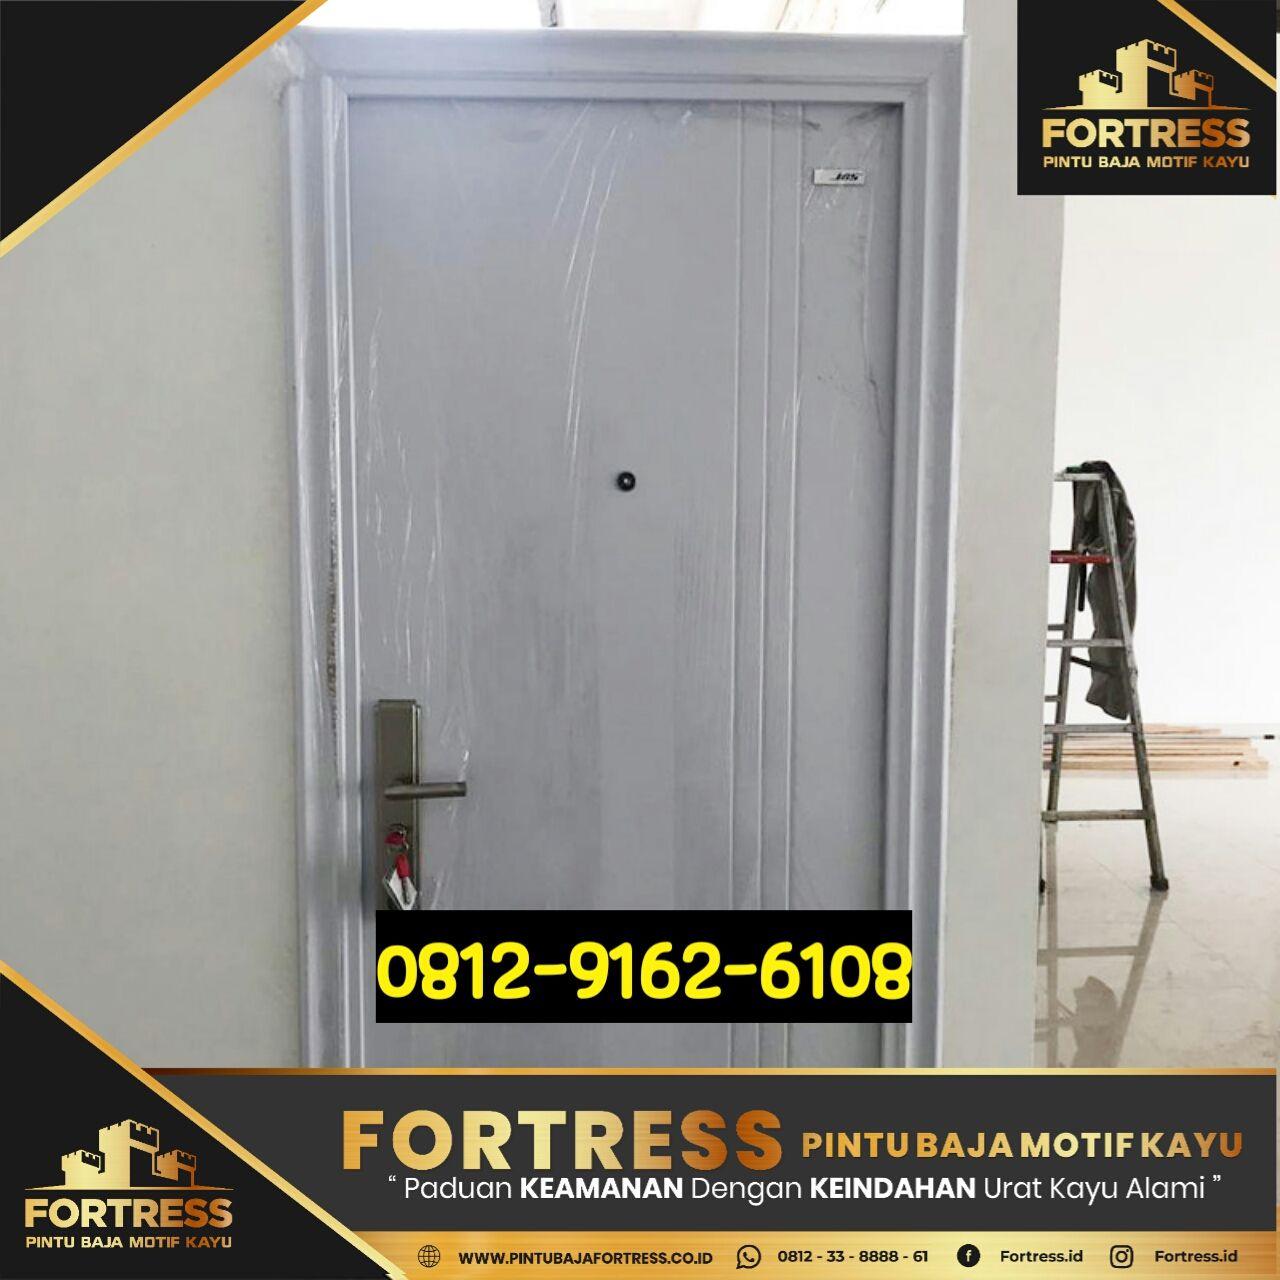 0812-9162-6105 (FOTRESS), steel door analyzers, steel doors.com …